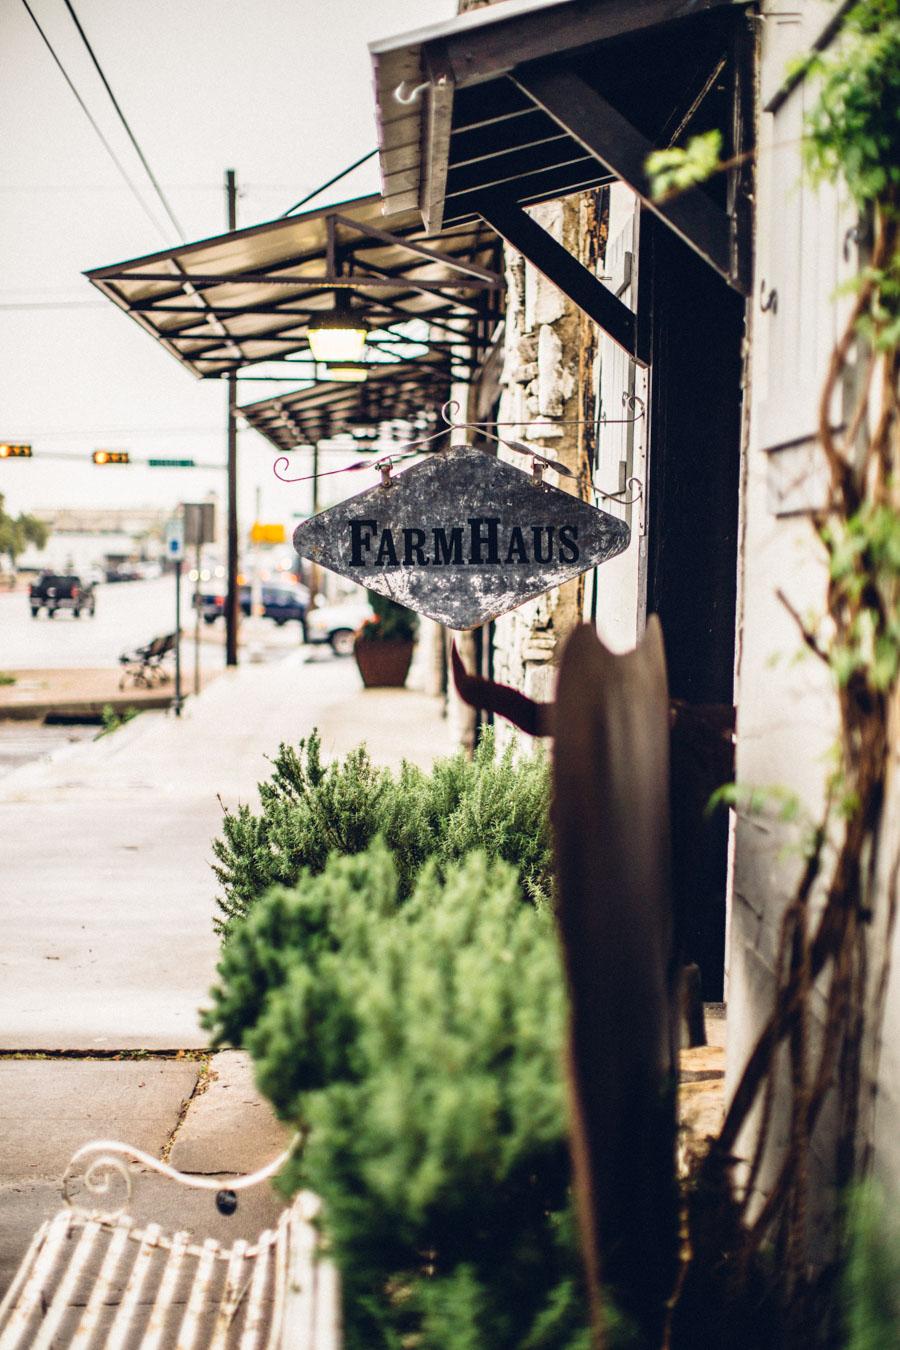 FarmHaus - Fredericksburg, Texas